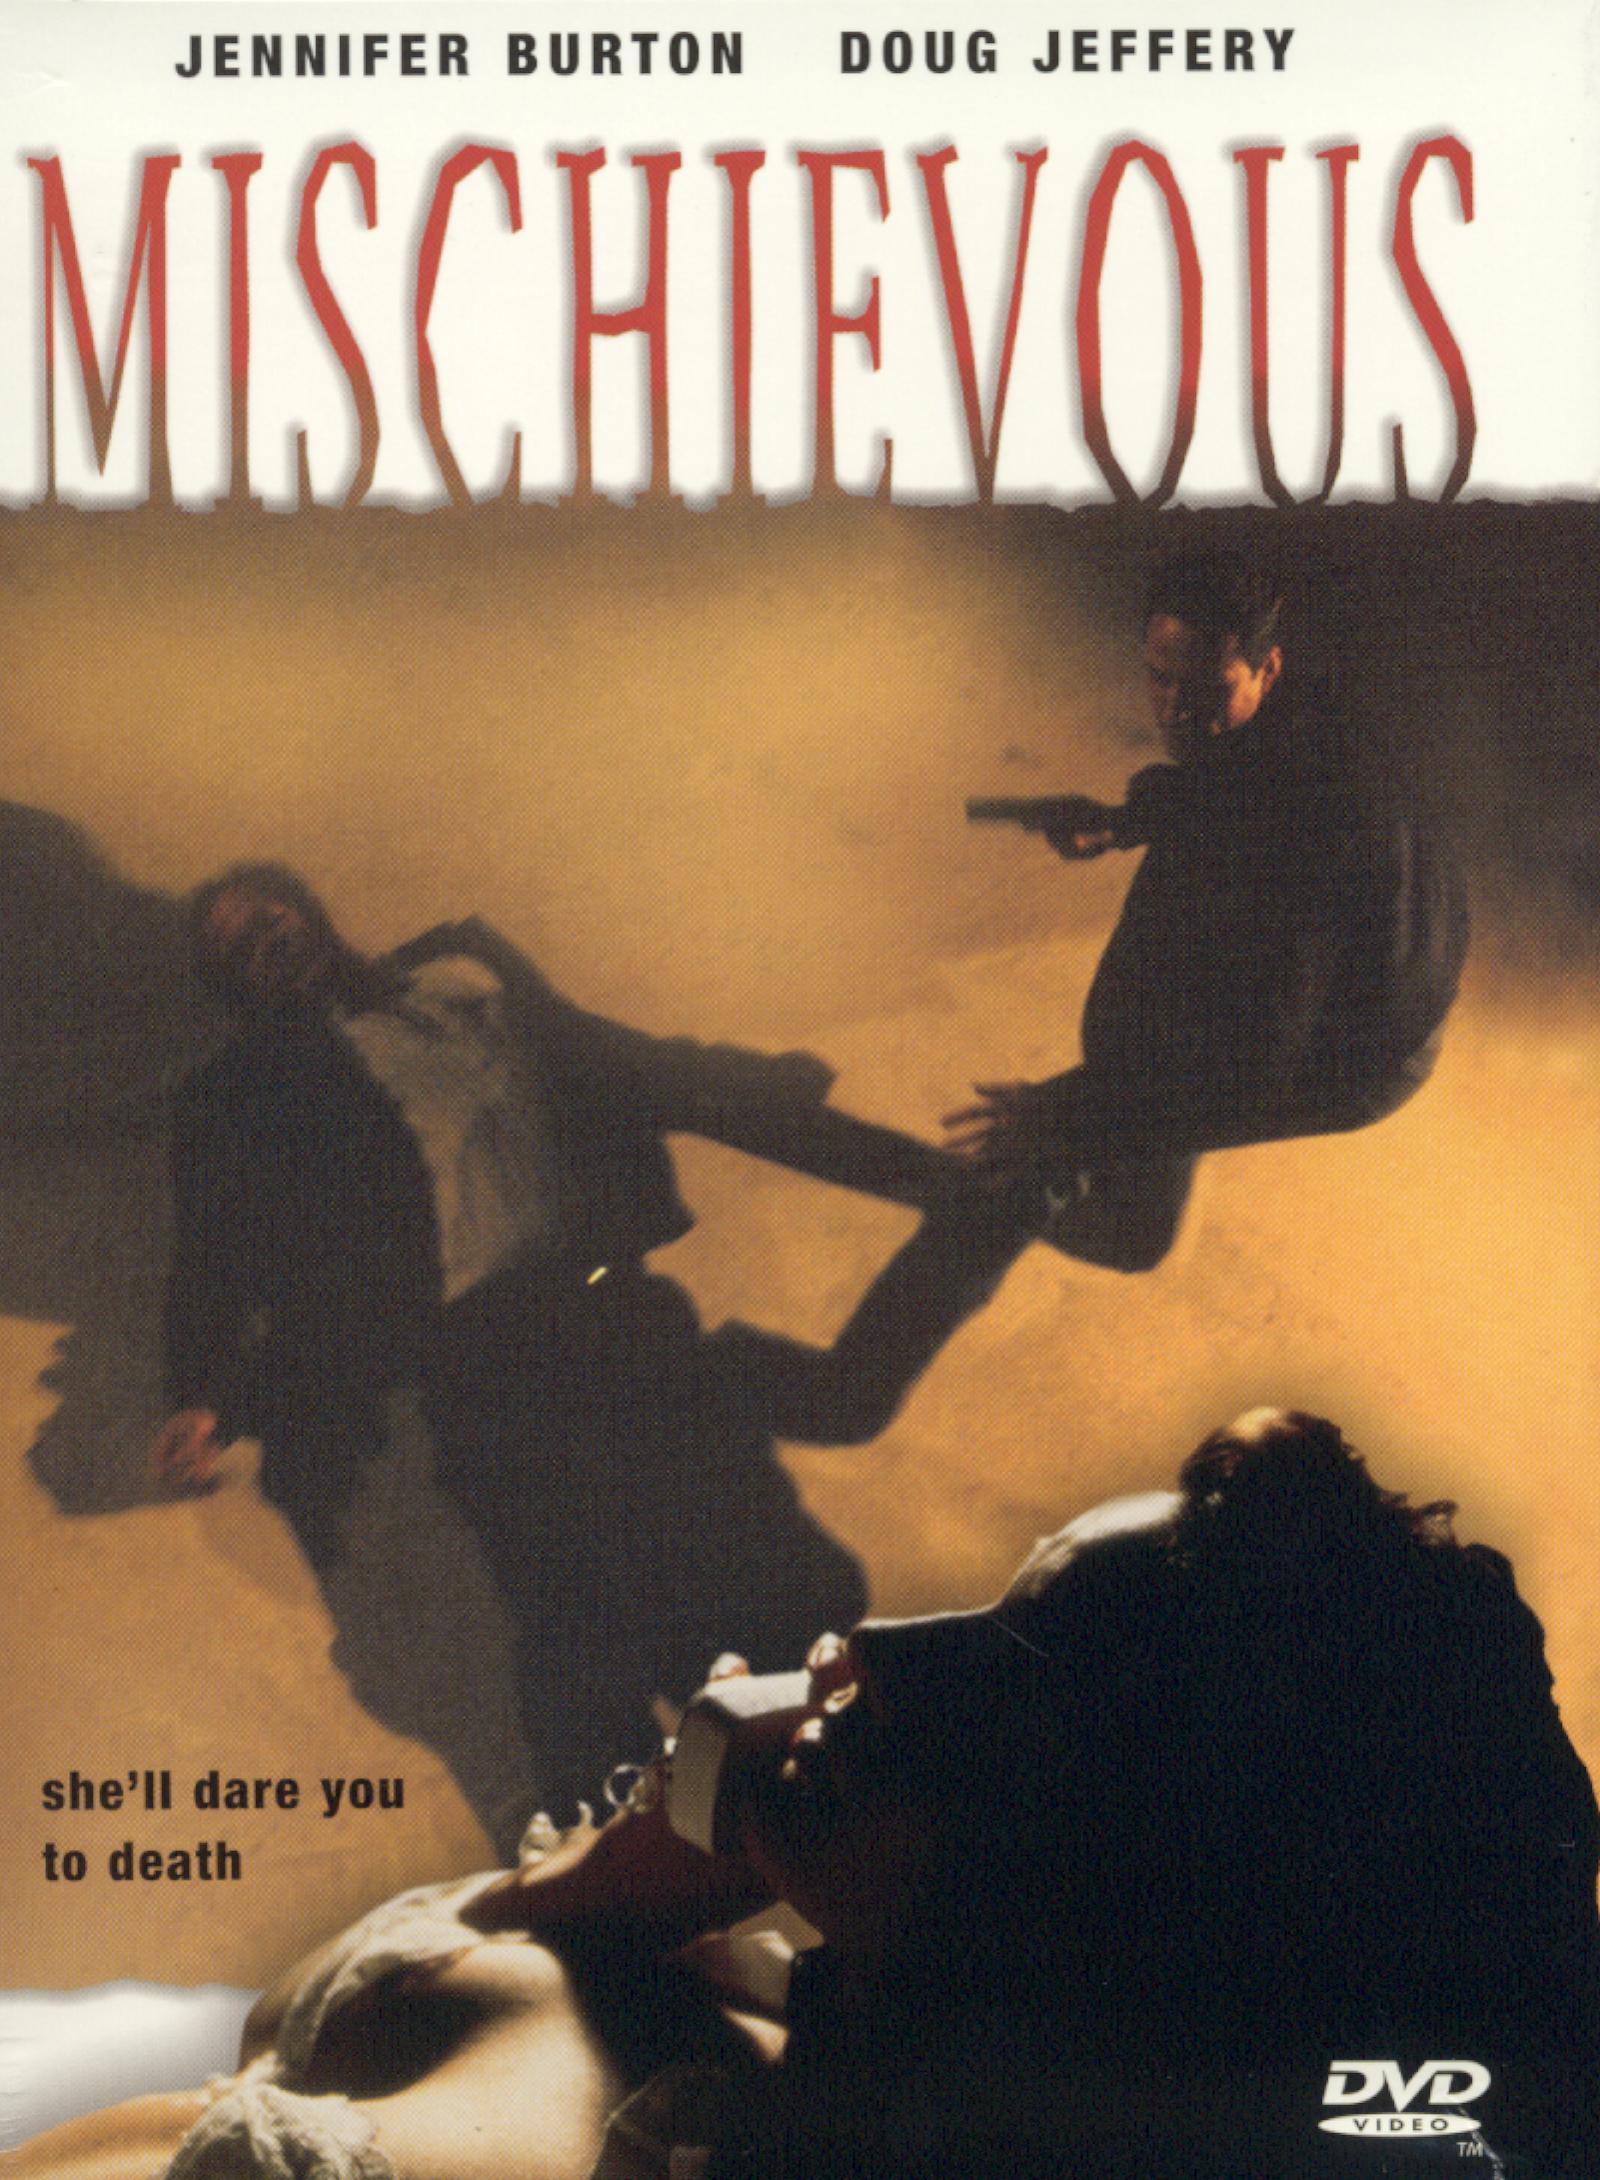 Mischievous 1996